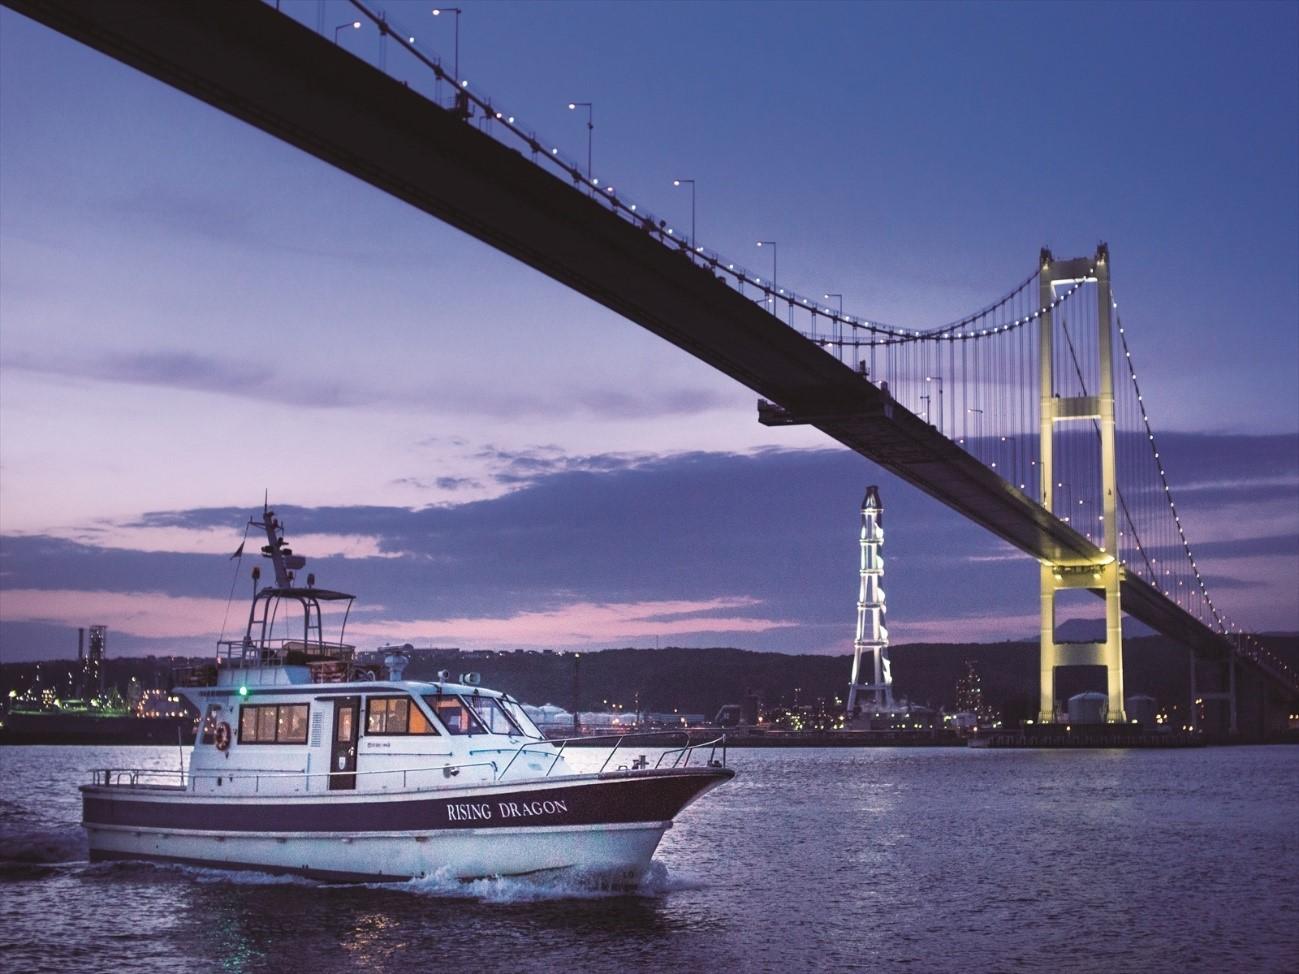 室蘭遊輪:走訪日本最有名的工廠夜景之一,乘船欣賞美麗的室蘭夜景吧!